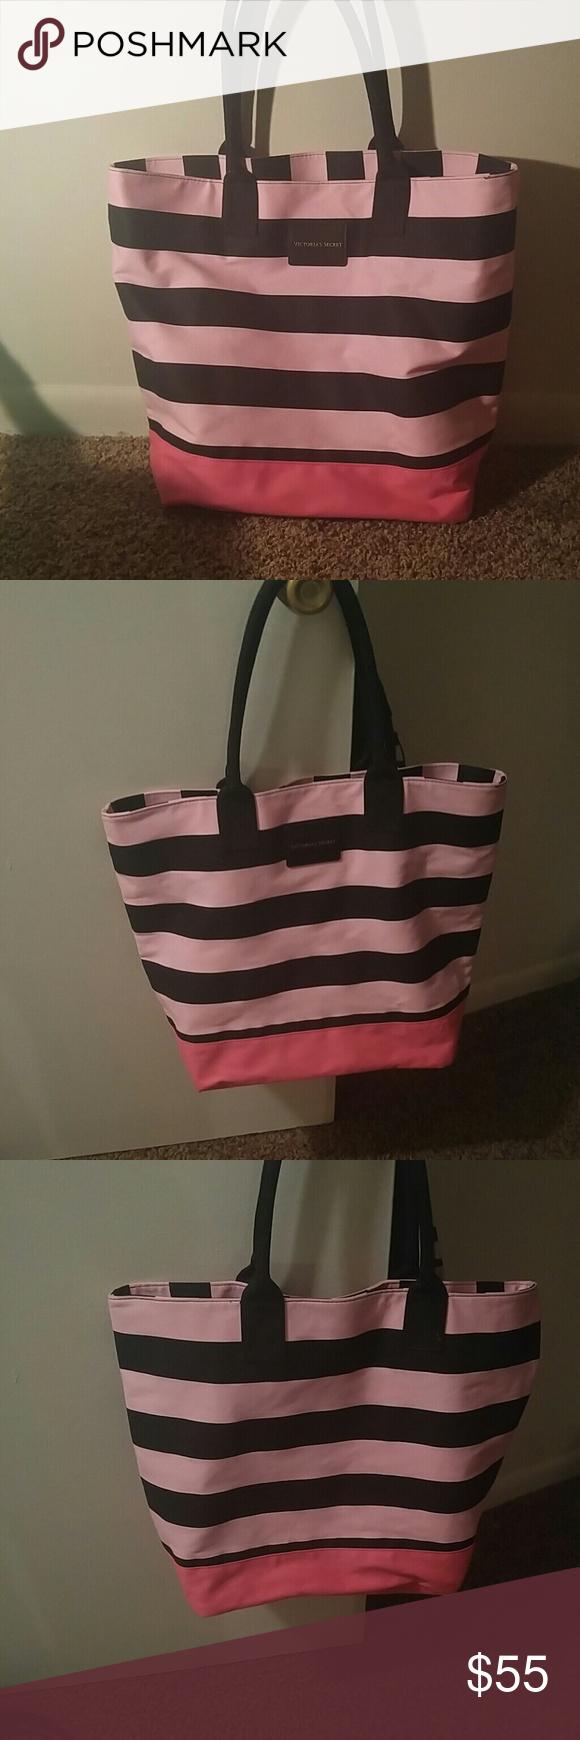 Victoria Secret Tote Multi color pink Victoria Secret Bag Victoria's Secret Bags Totes